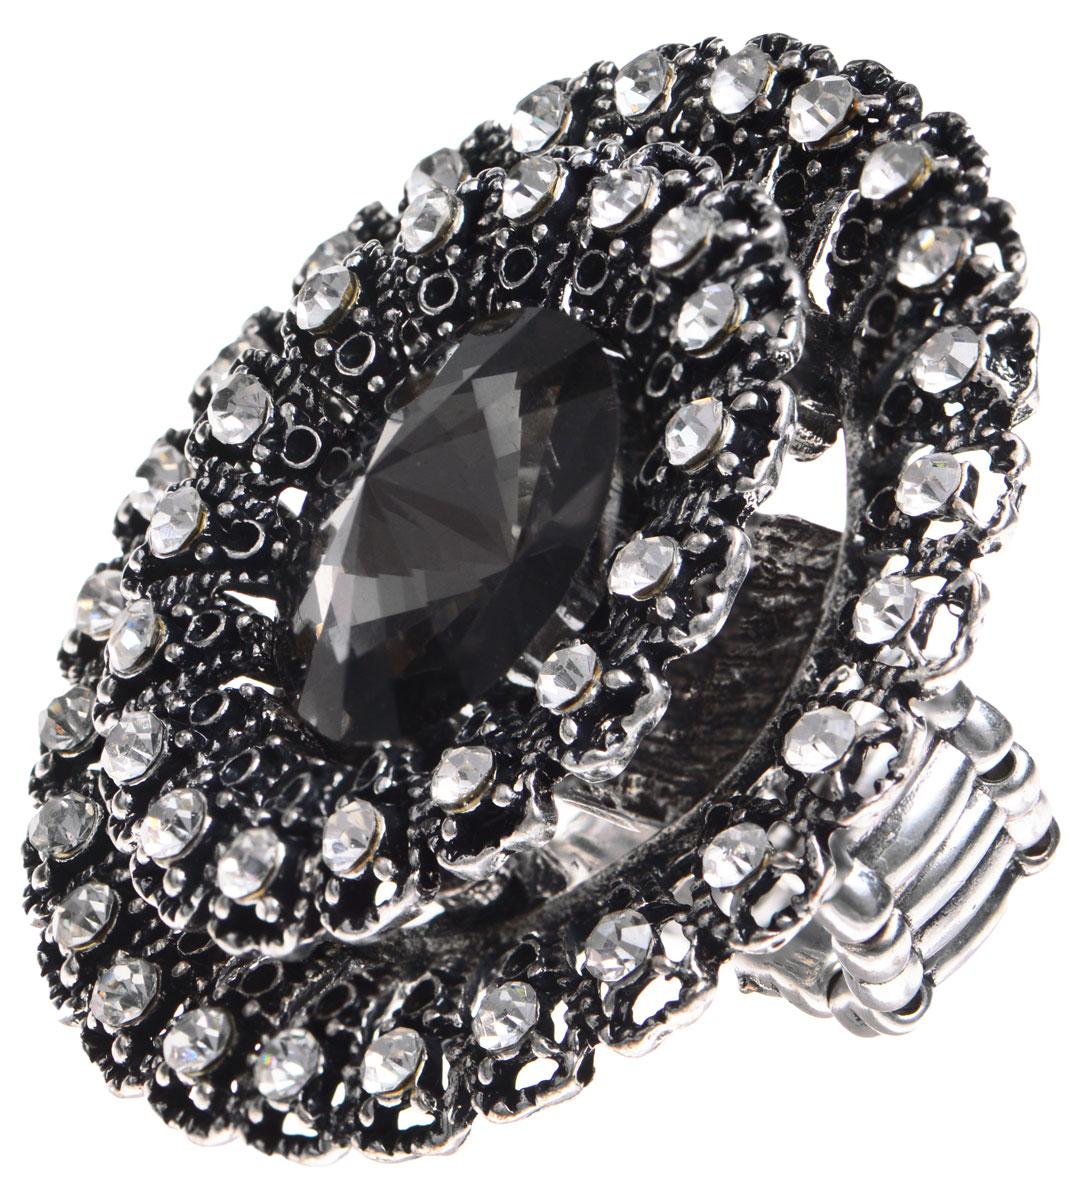 Кольцо Taya, цвет: серебристый. T-B-9264Коктейльное кольцоОригинальное кольцо Taya выполнено из бижутерийного сплава, дополнено декоративным элементом в виде цветка, каждый лепесток которого оформлен сверкающей вставкой из стекла. Сердцевина цветка украшена крупным граненым камнем.В основании изделия использована эластичная резинка, что делает размер кольца универсальным.Стильное кольцо придаст вашему образу изюминку, подчеркнет индивидуальность.